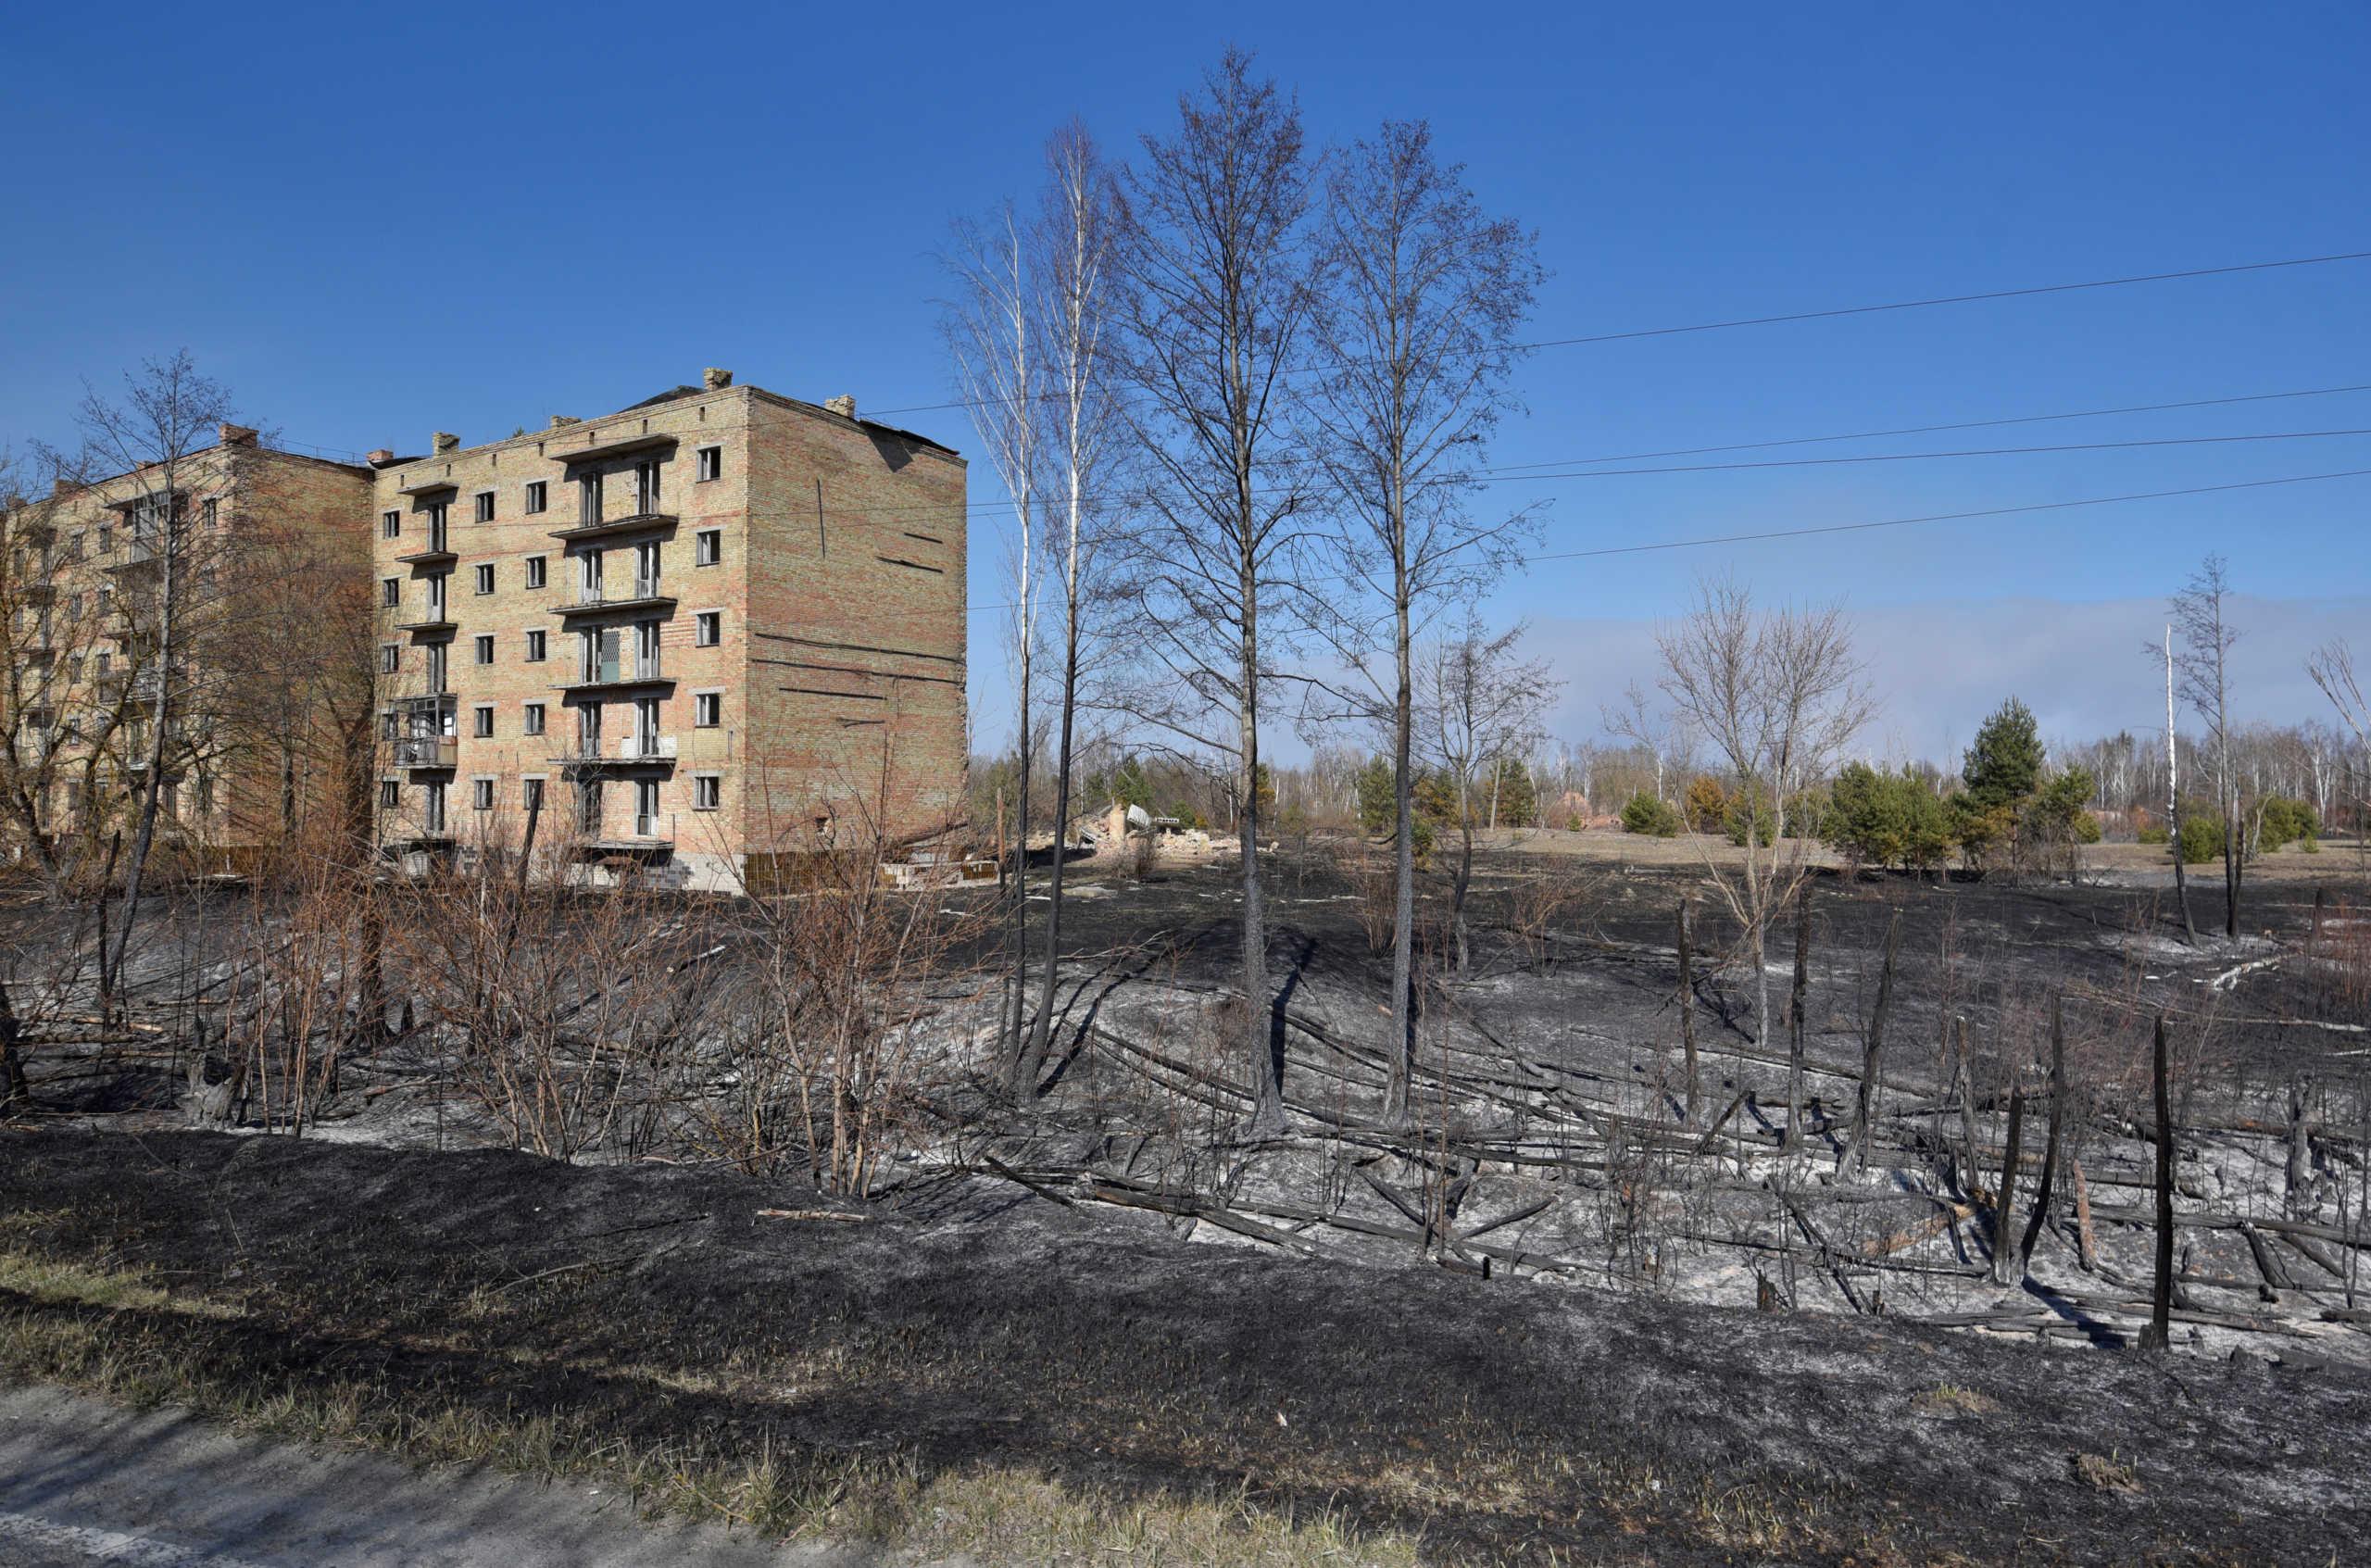 Πυρκαγιά στο Τσερνόμπιλ: Βρέθηκε απειροελάχιστη ποσότητα ραδιενέργειας στην Ελλάδα